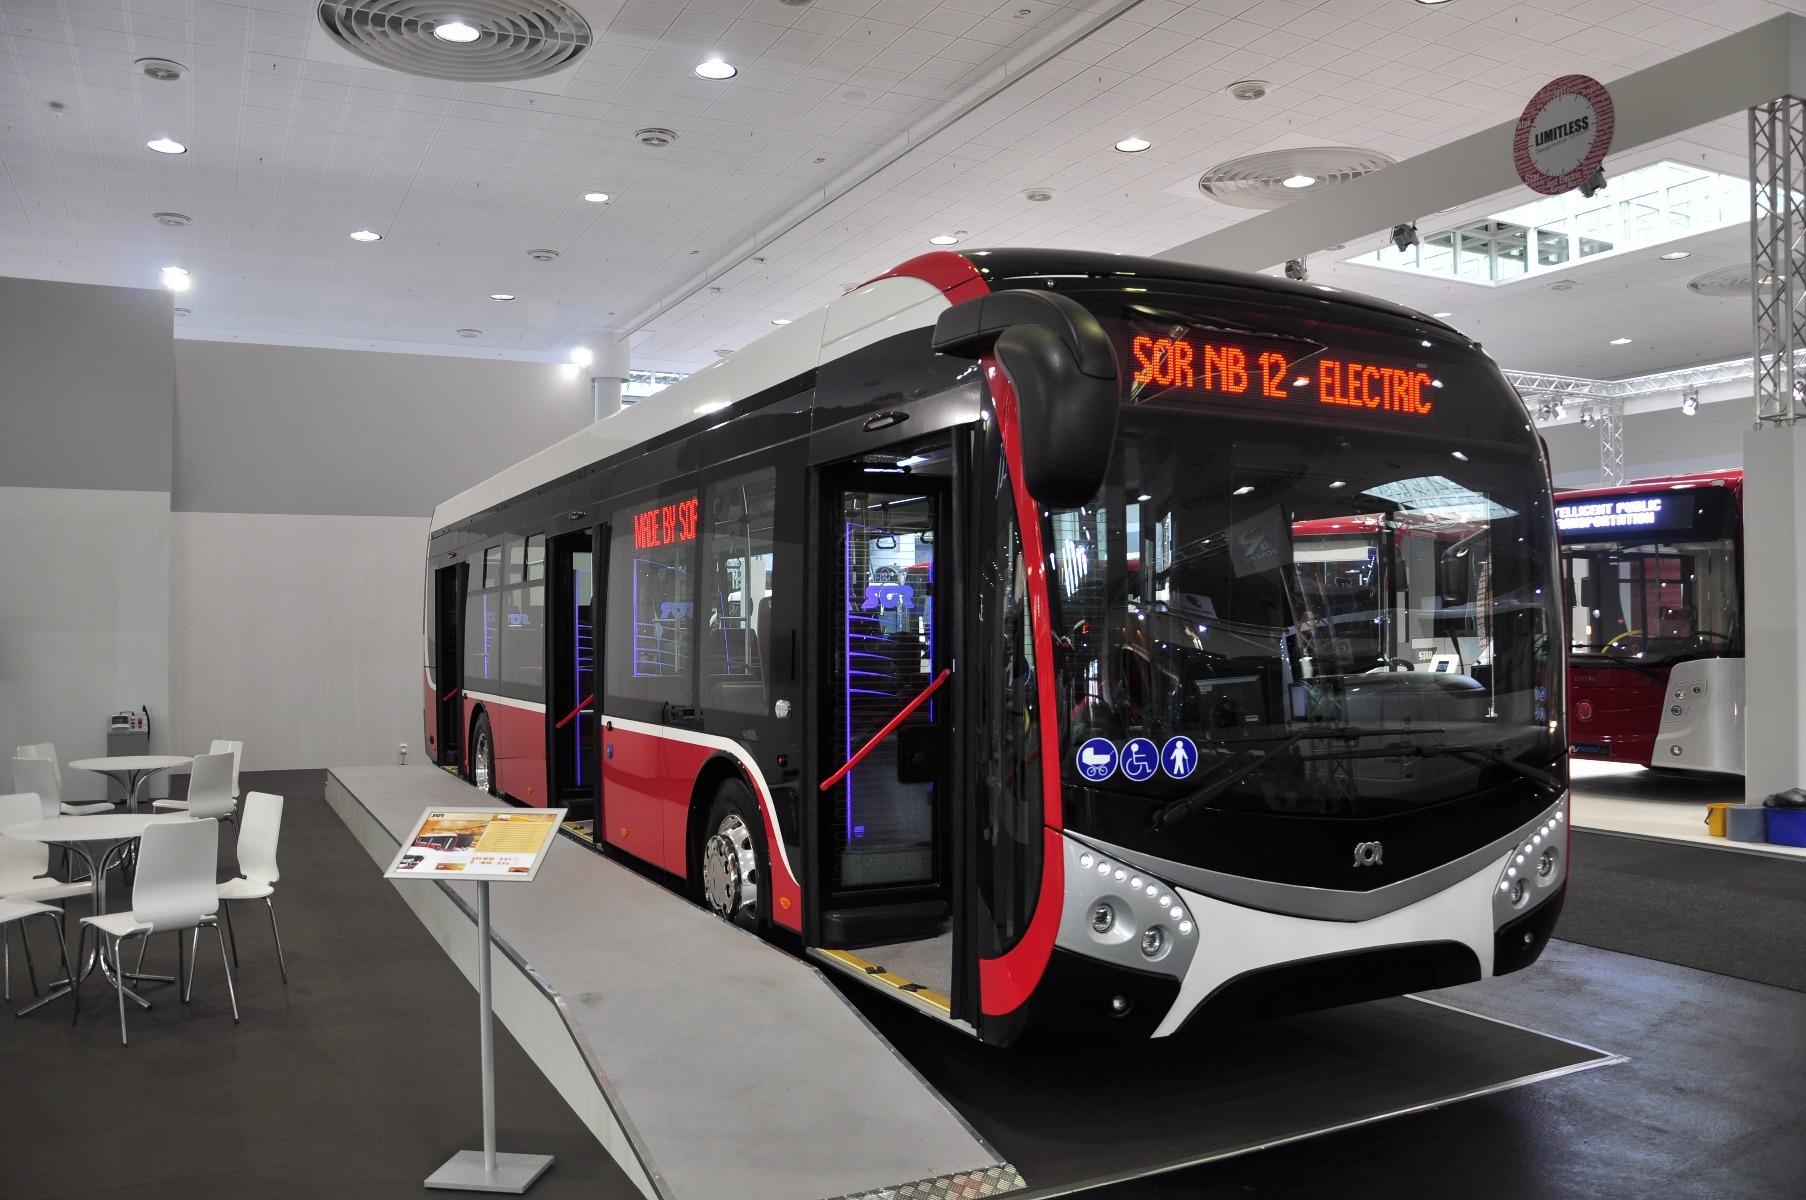 Immár a SOR is gyárt tisztán elektromos városi buszt, méghozzá igen korszerű kialakítású karosszériával